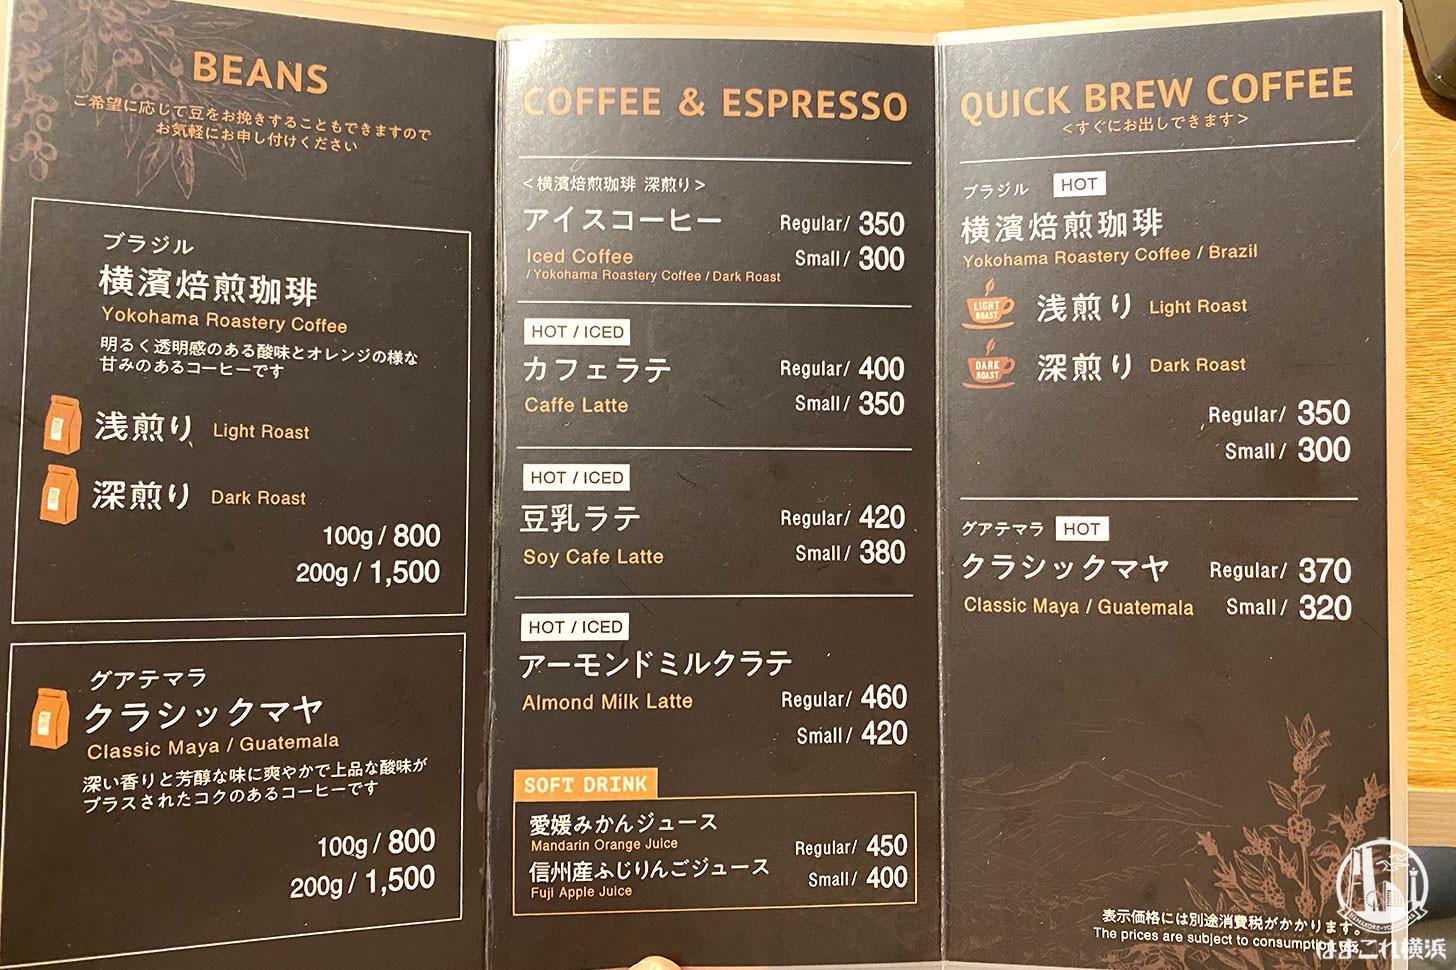 横濱焙煎珈琲メニュー